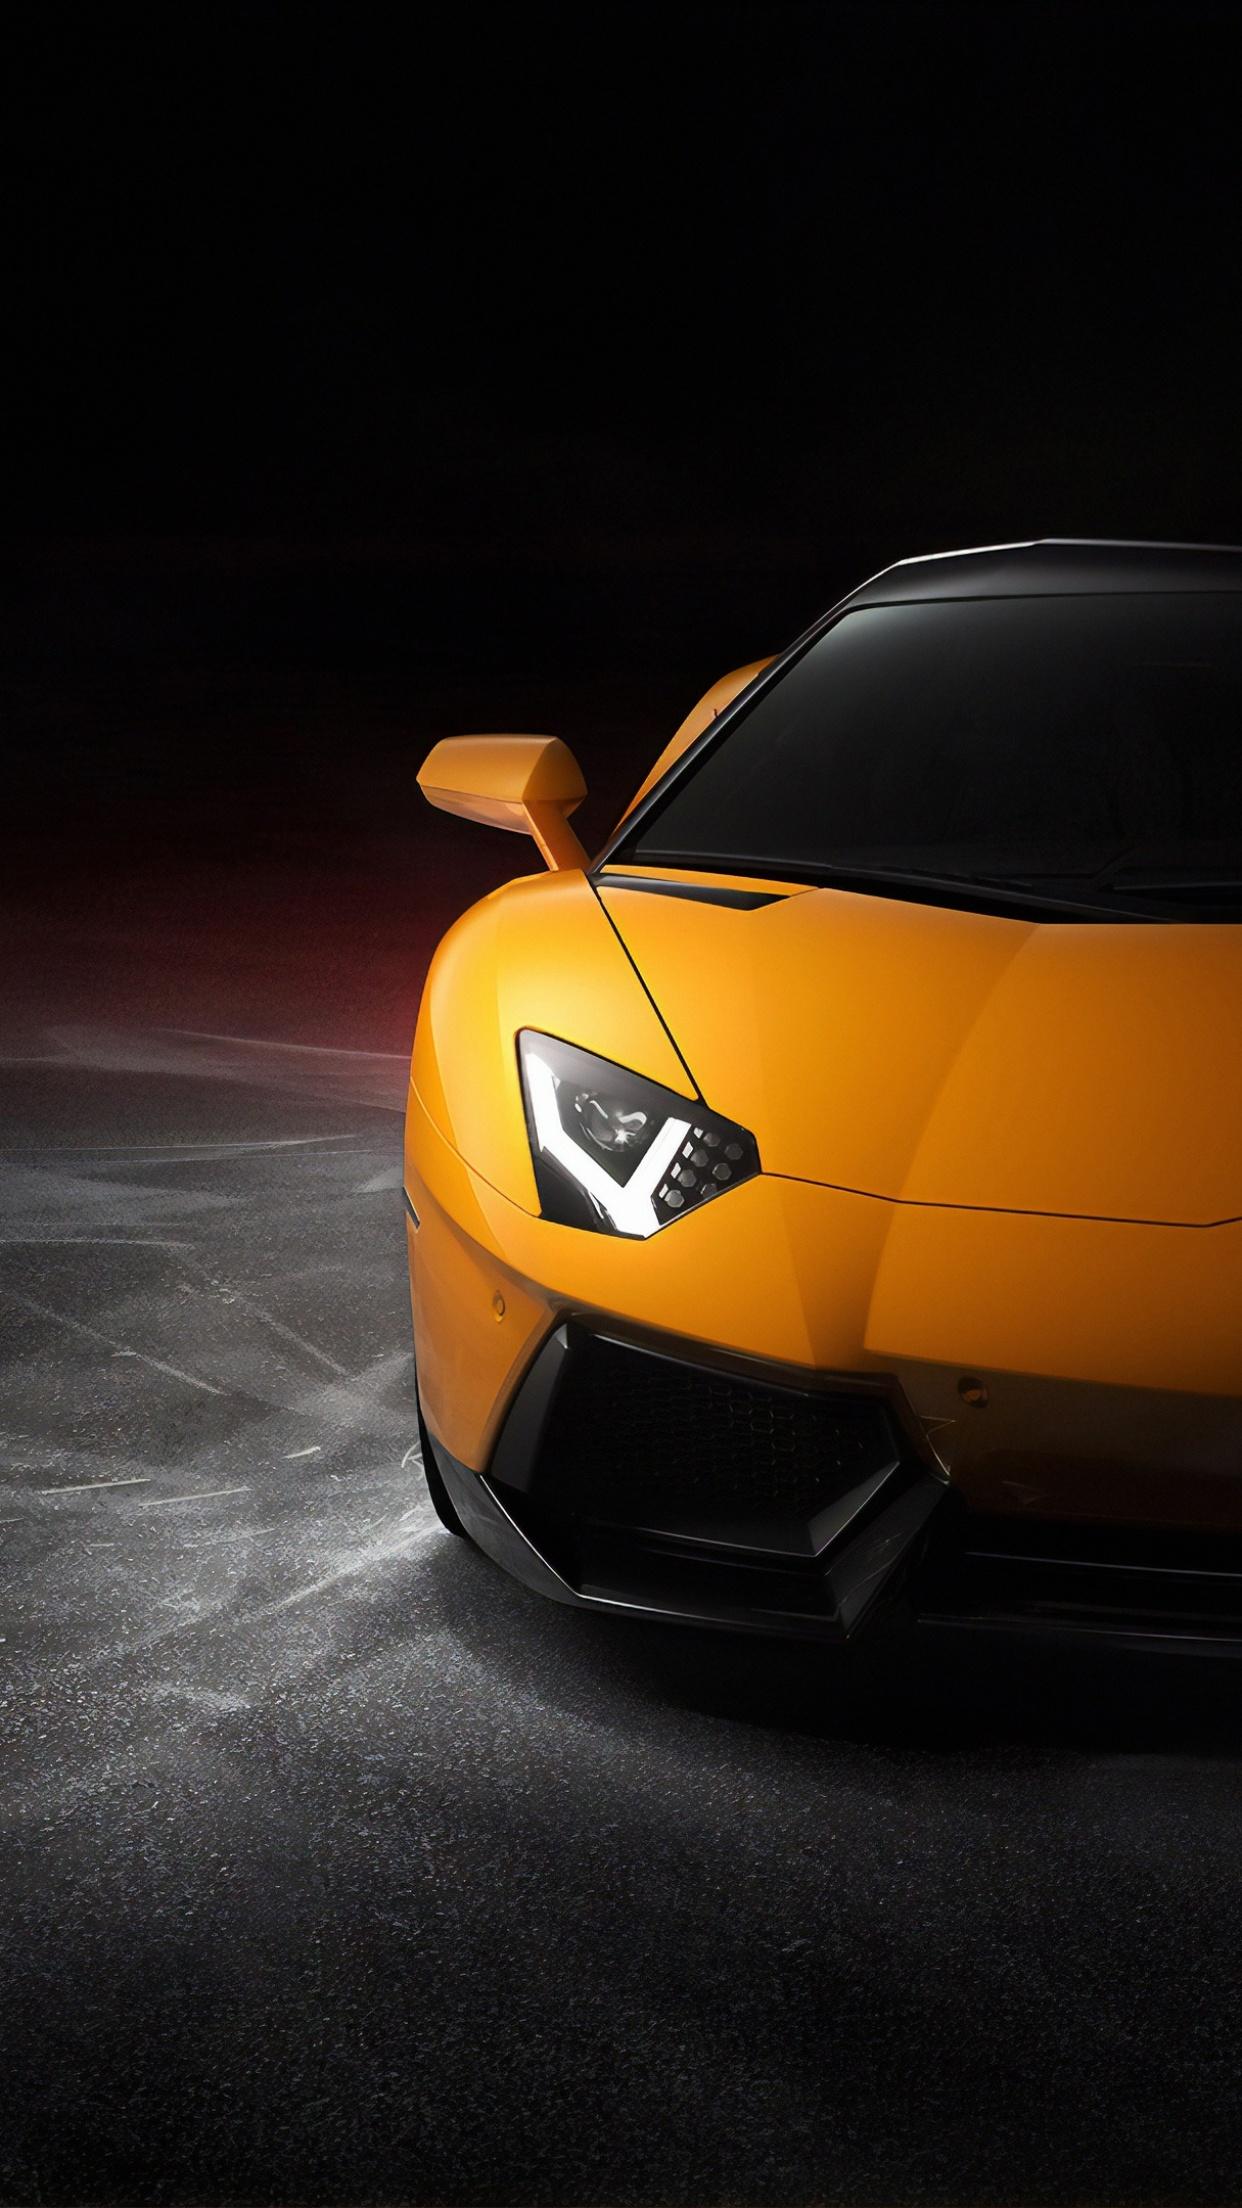 Lamborghini Aventador 4K Wallpaper, Sports cars, Black ...